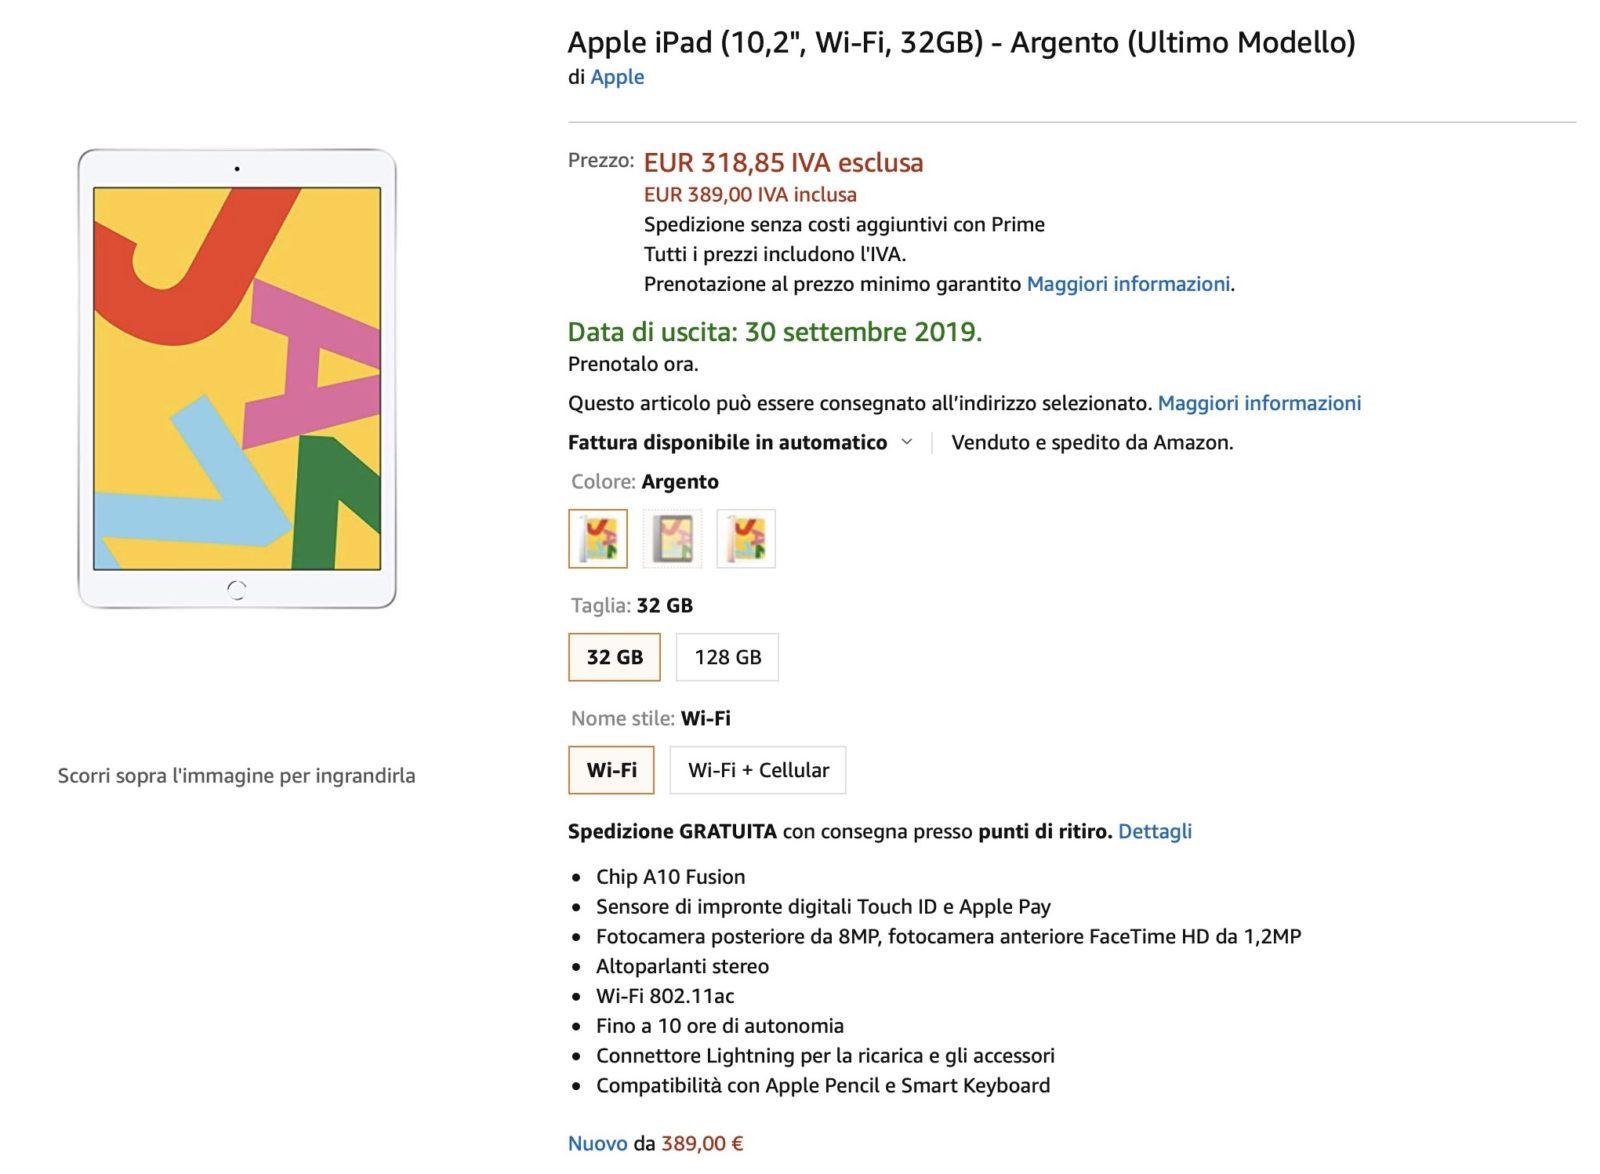 Nuovo iPad 10,2″ in preordine su Amazon: prezzo da 389€